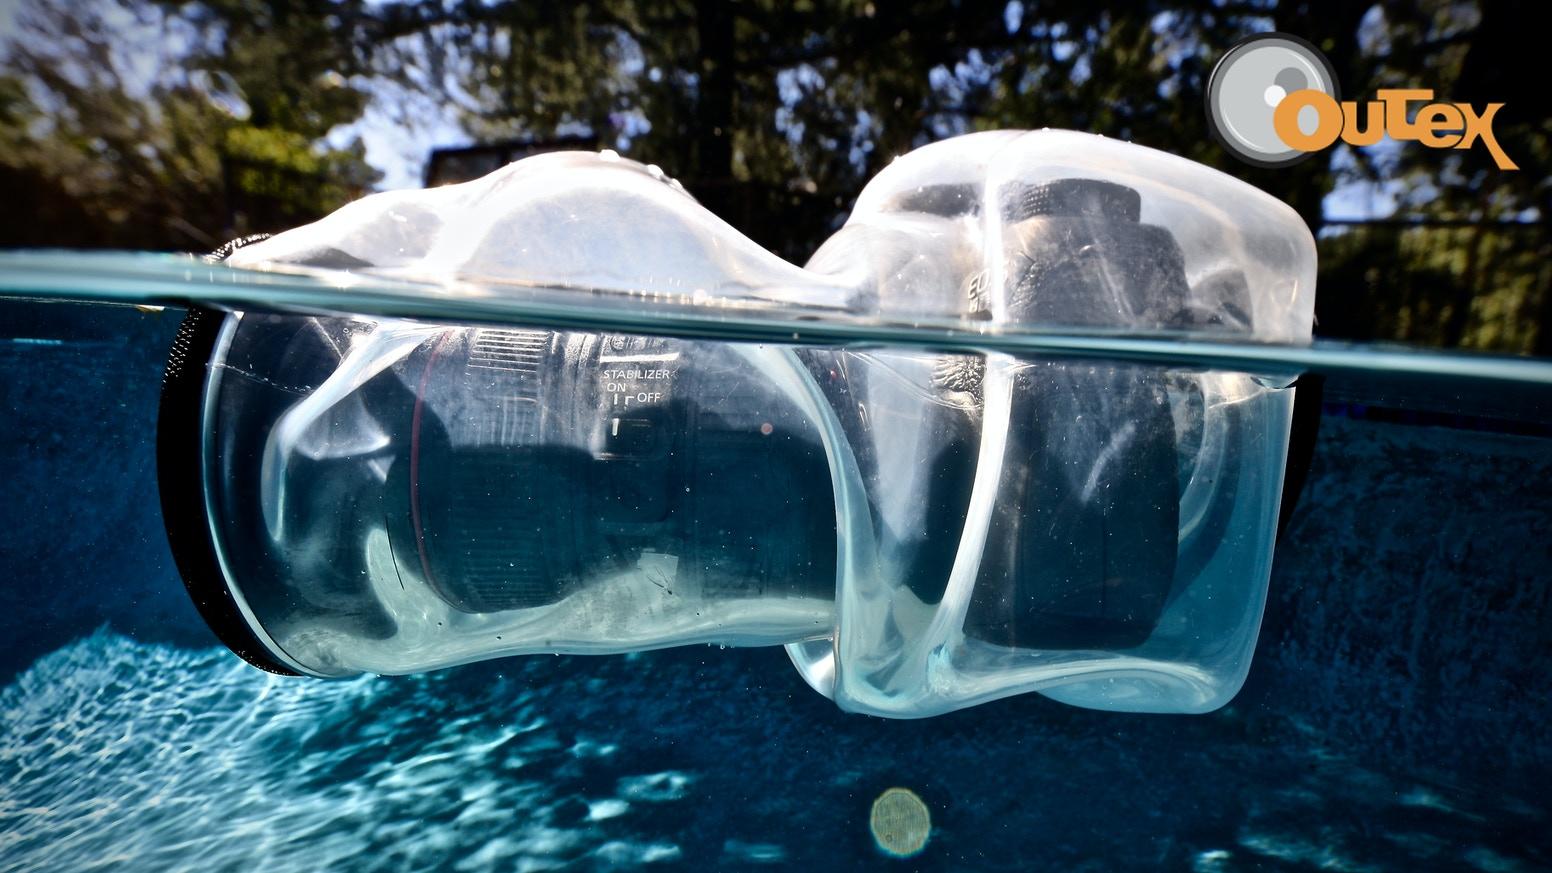 全機種対応!? 愛用の一眼カメラが完全防水になるシリコン製保護カバー「Outex」が先行予約販売中